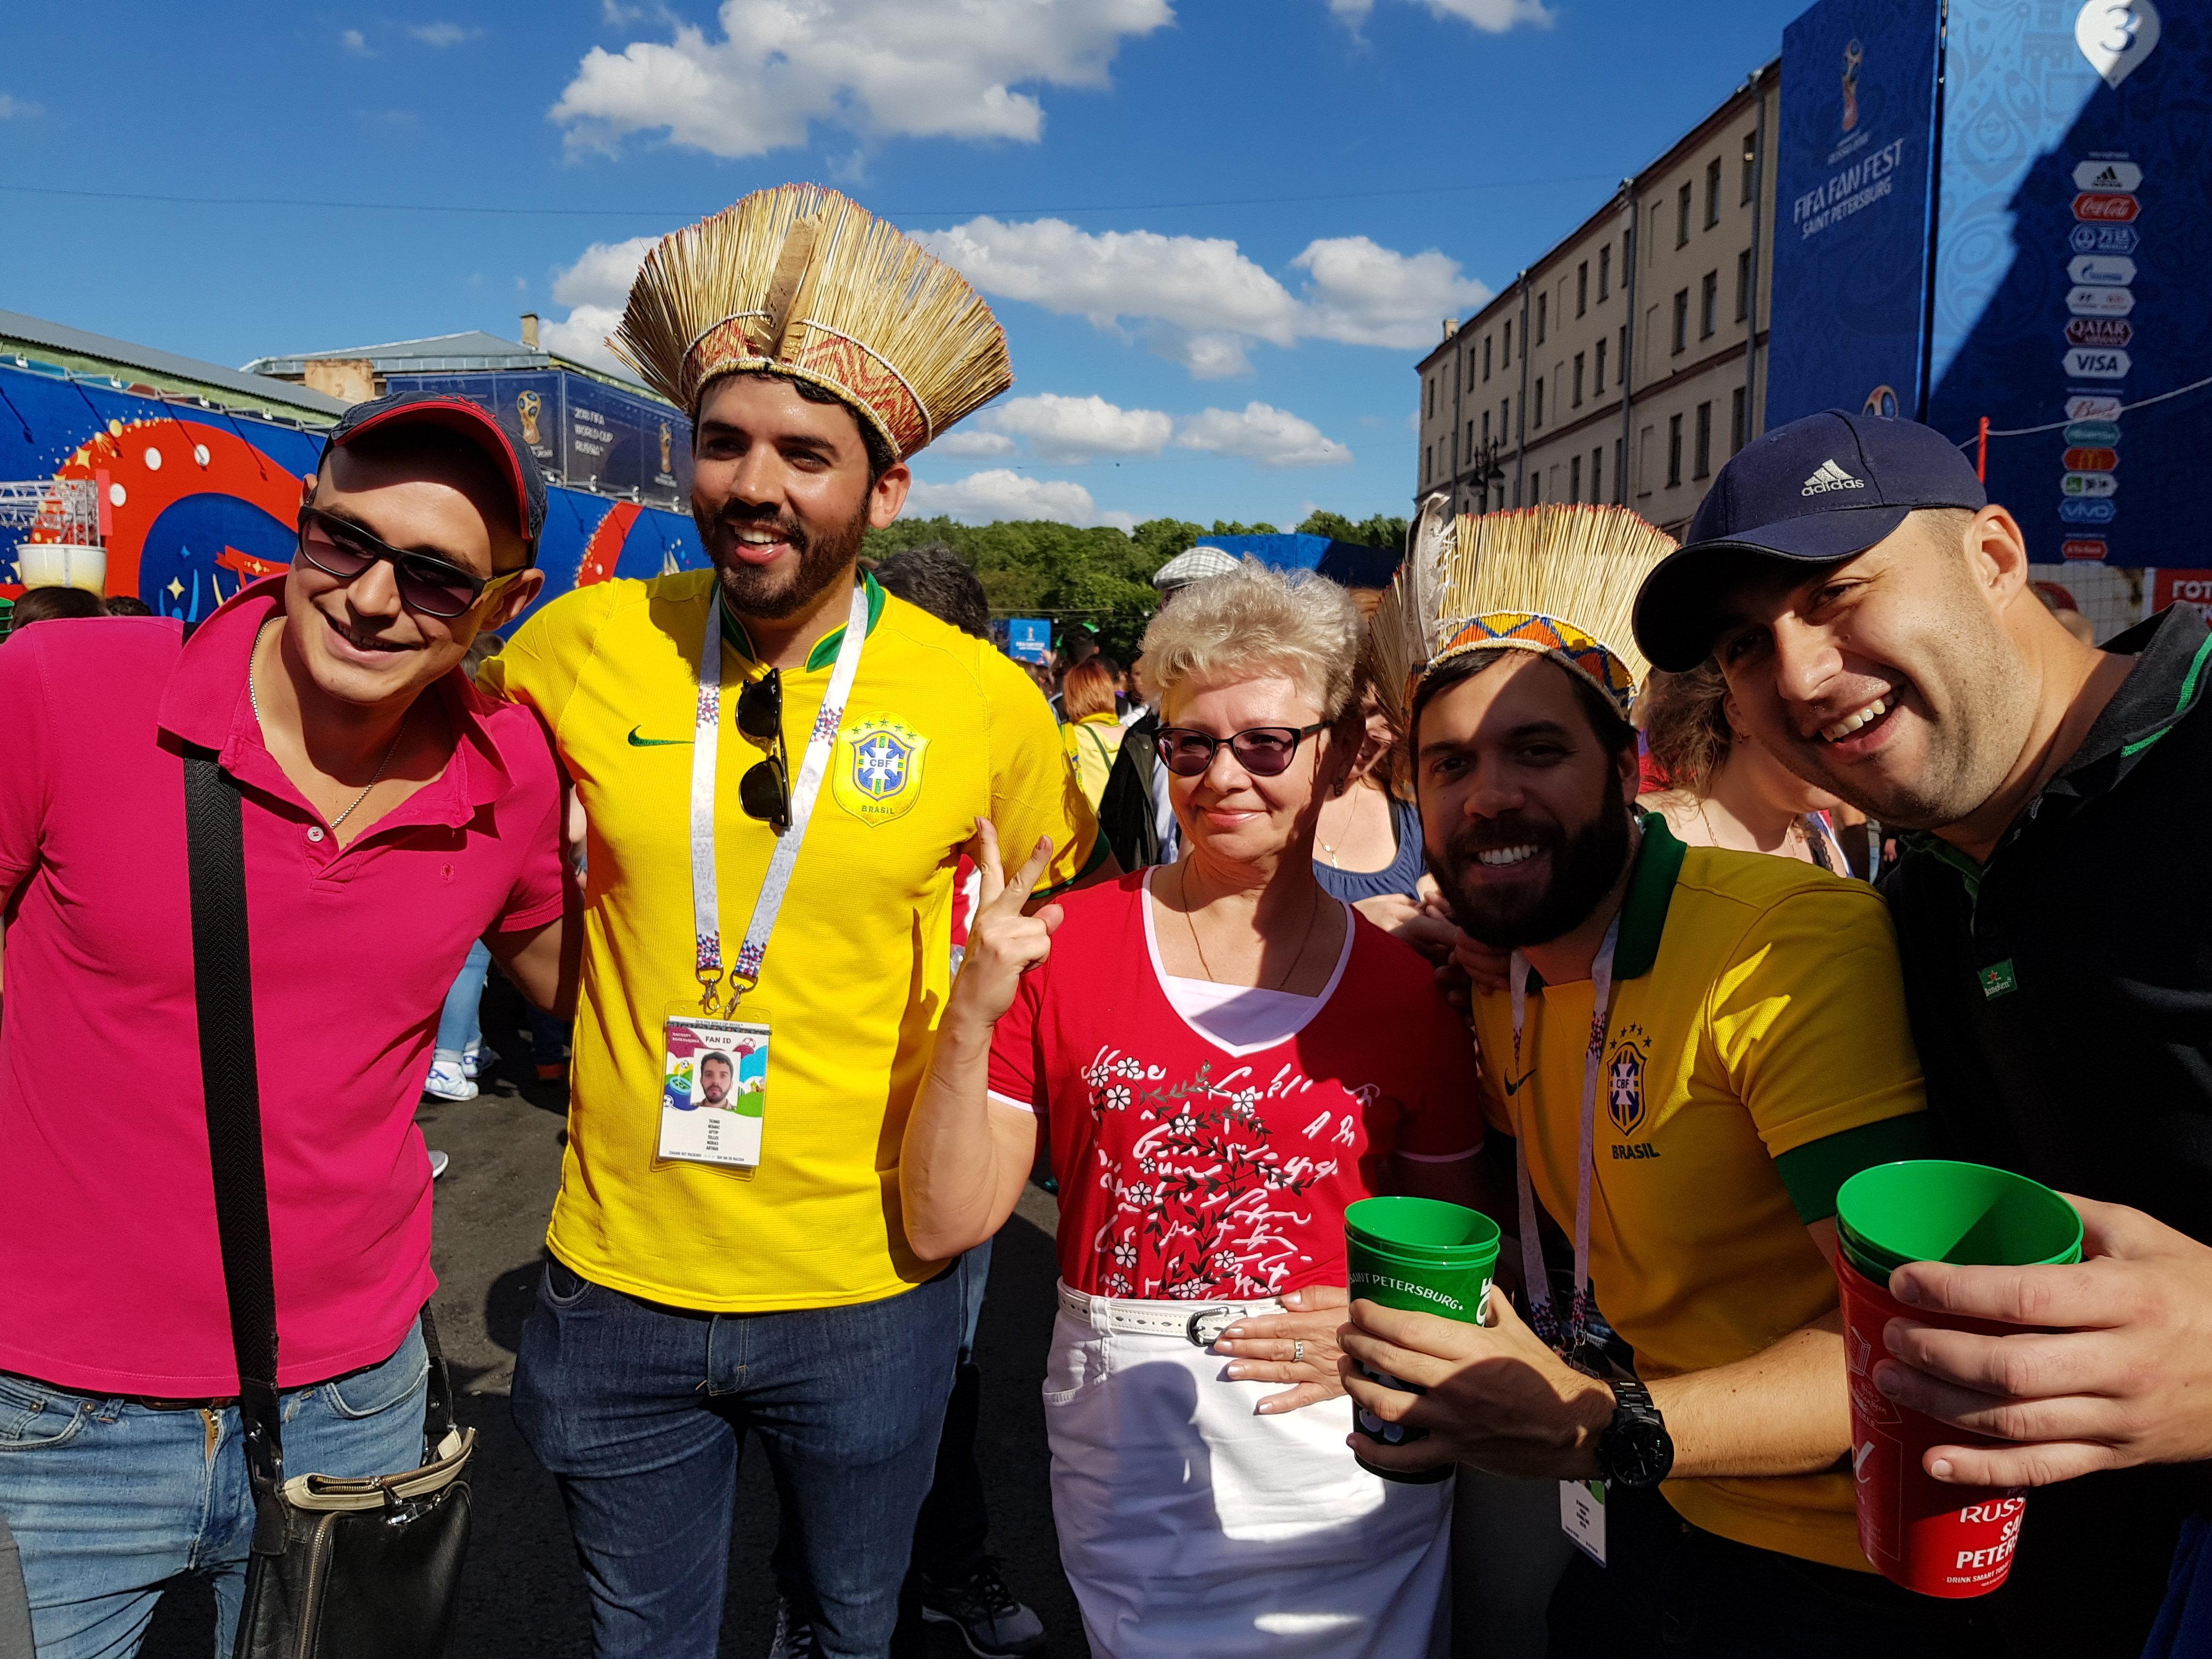 Torcedores brasileiros tirando foto com russos na FIFA FAN FEST de São Petersburgo.